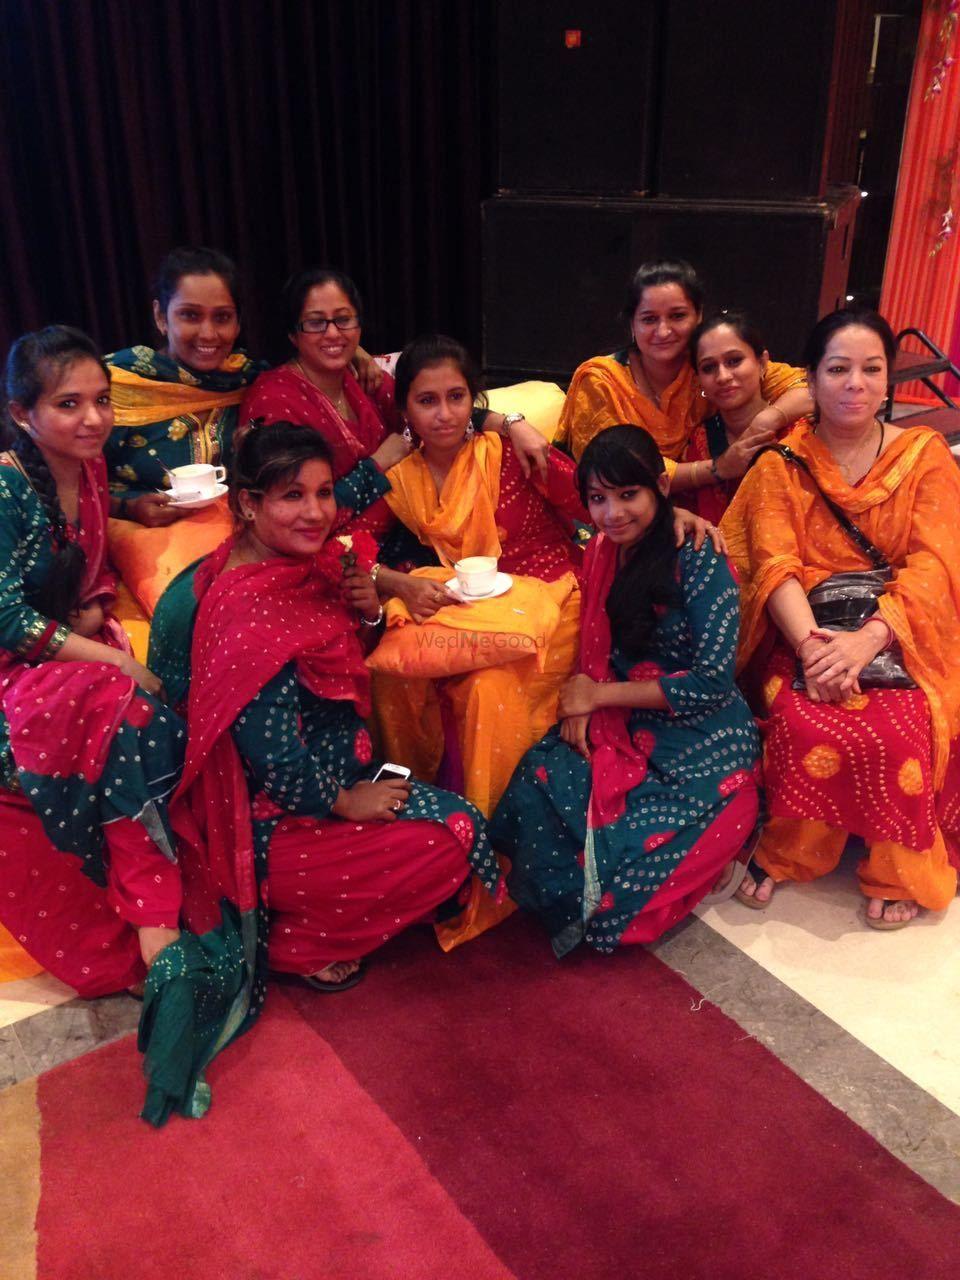 Photo From Neha wedding mehandi - By Raju Mehandi Artist